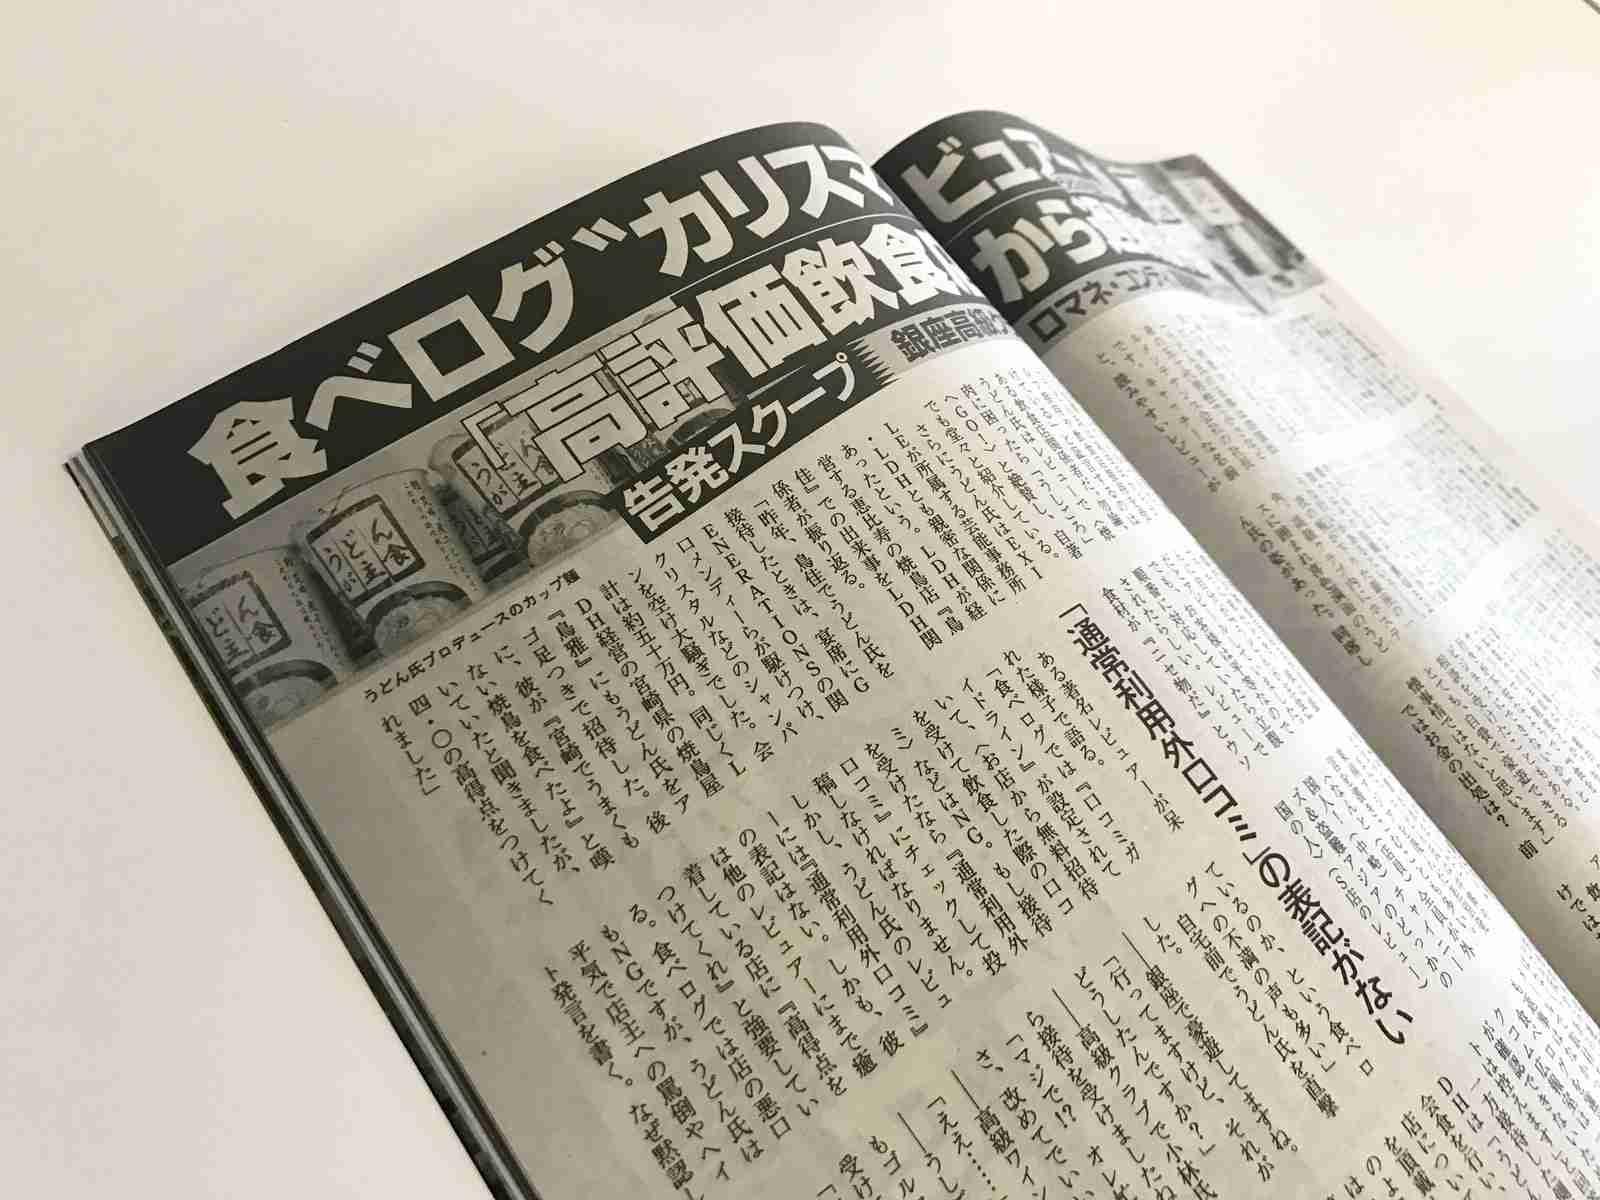 食べロググルメレビュアー「うどんが主食」が全レビューを削除 週刊文春の報道をうけ